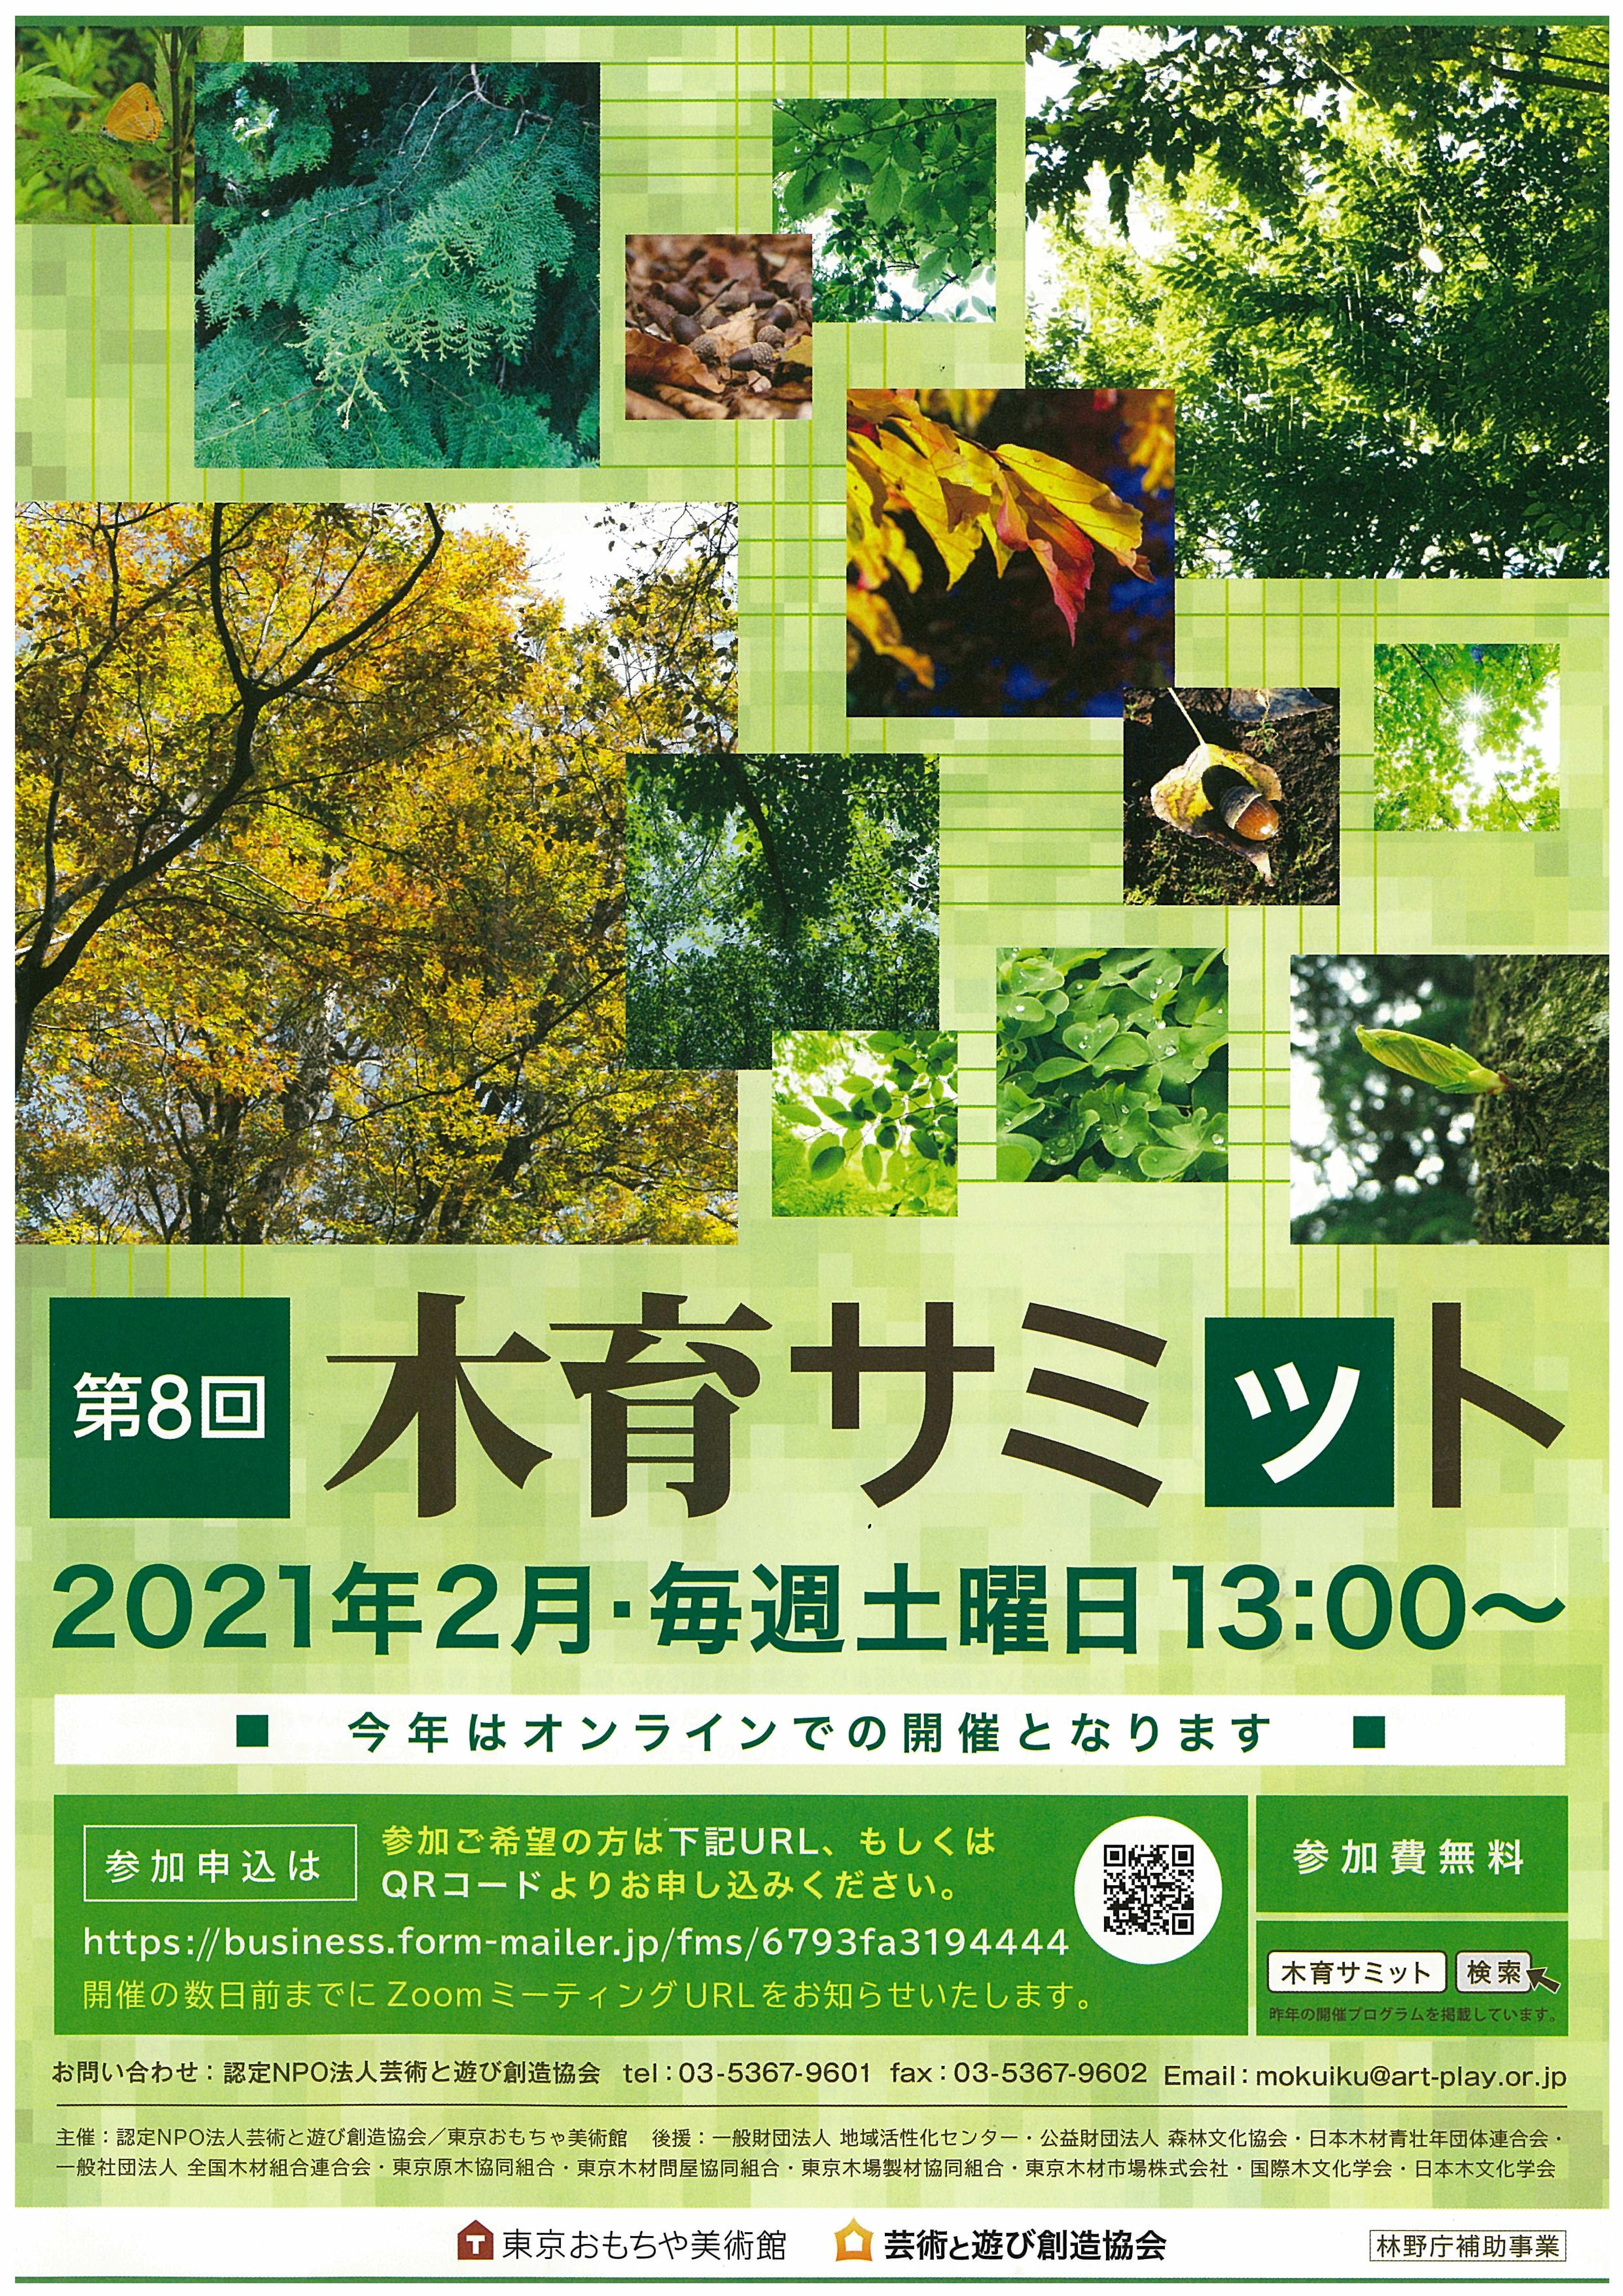 2021木育サミットはオンラインで開催!